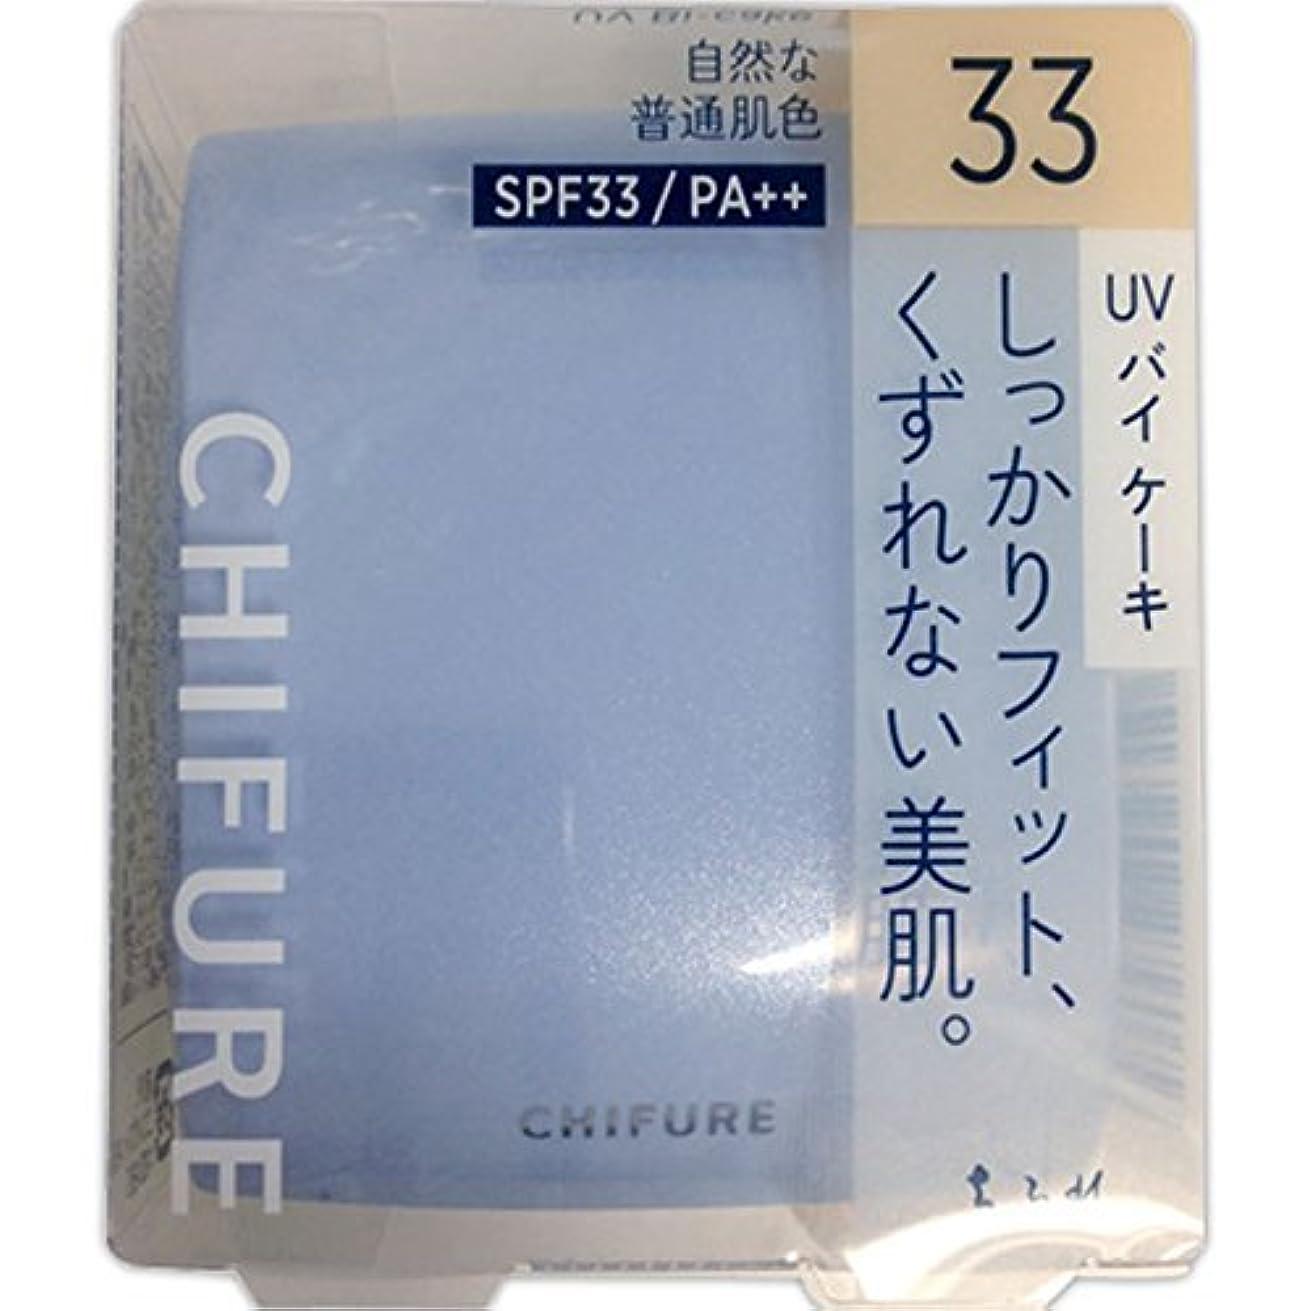 心臓卒業記念アルバムゴミちふれ化粧品 UV バイ ケーキ(スポンジ入り) 33 自然な普通肌色 14g